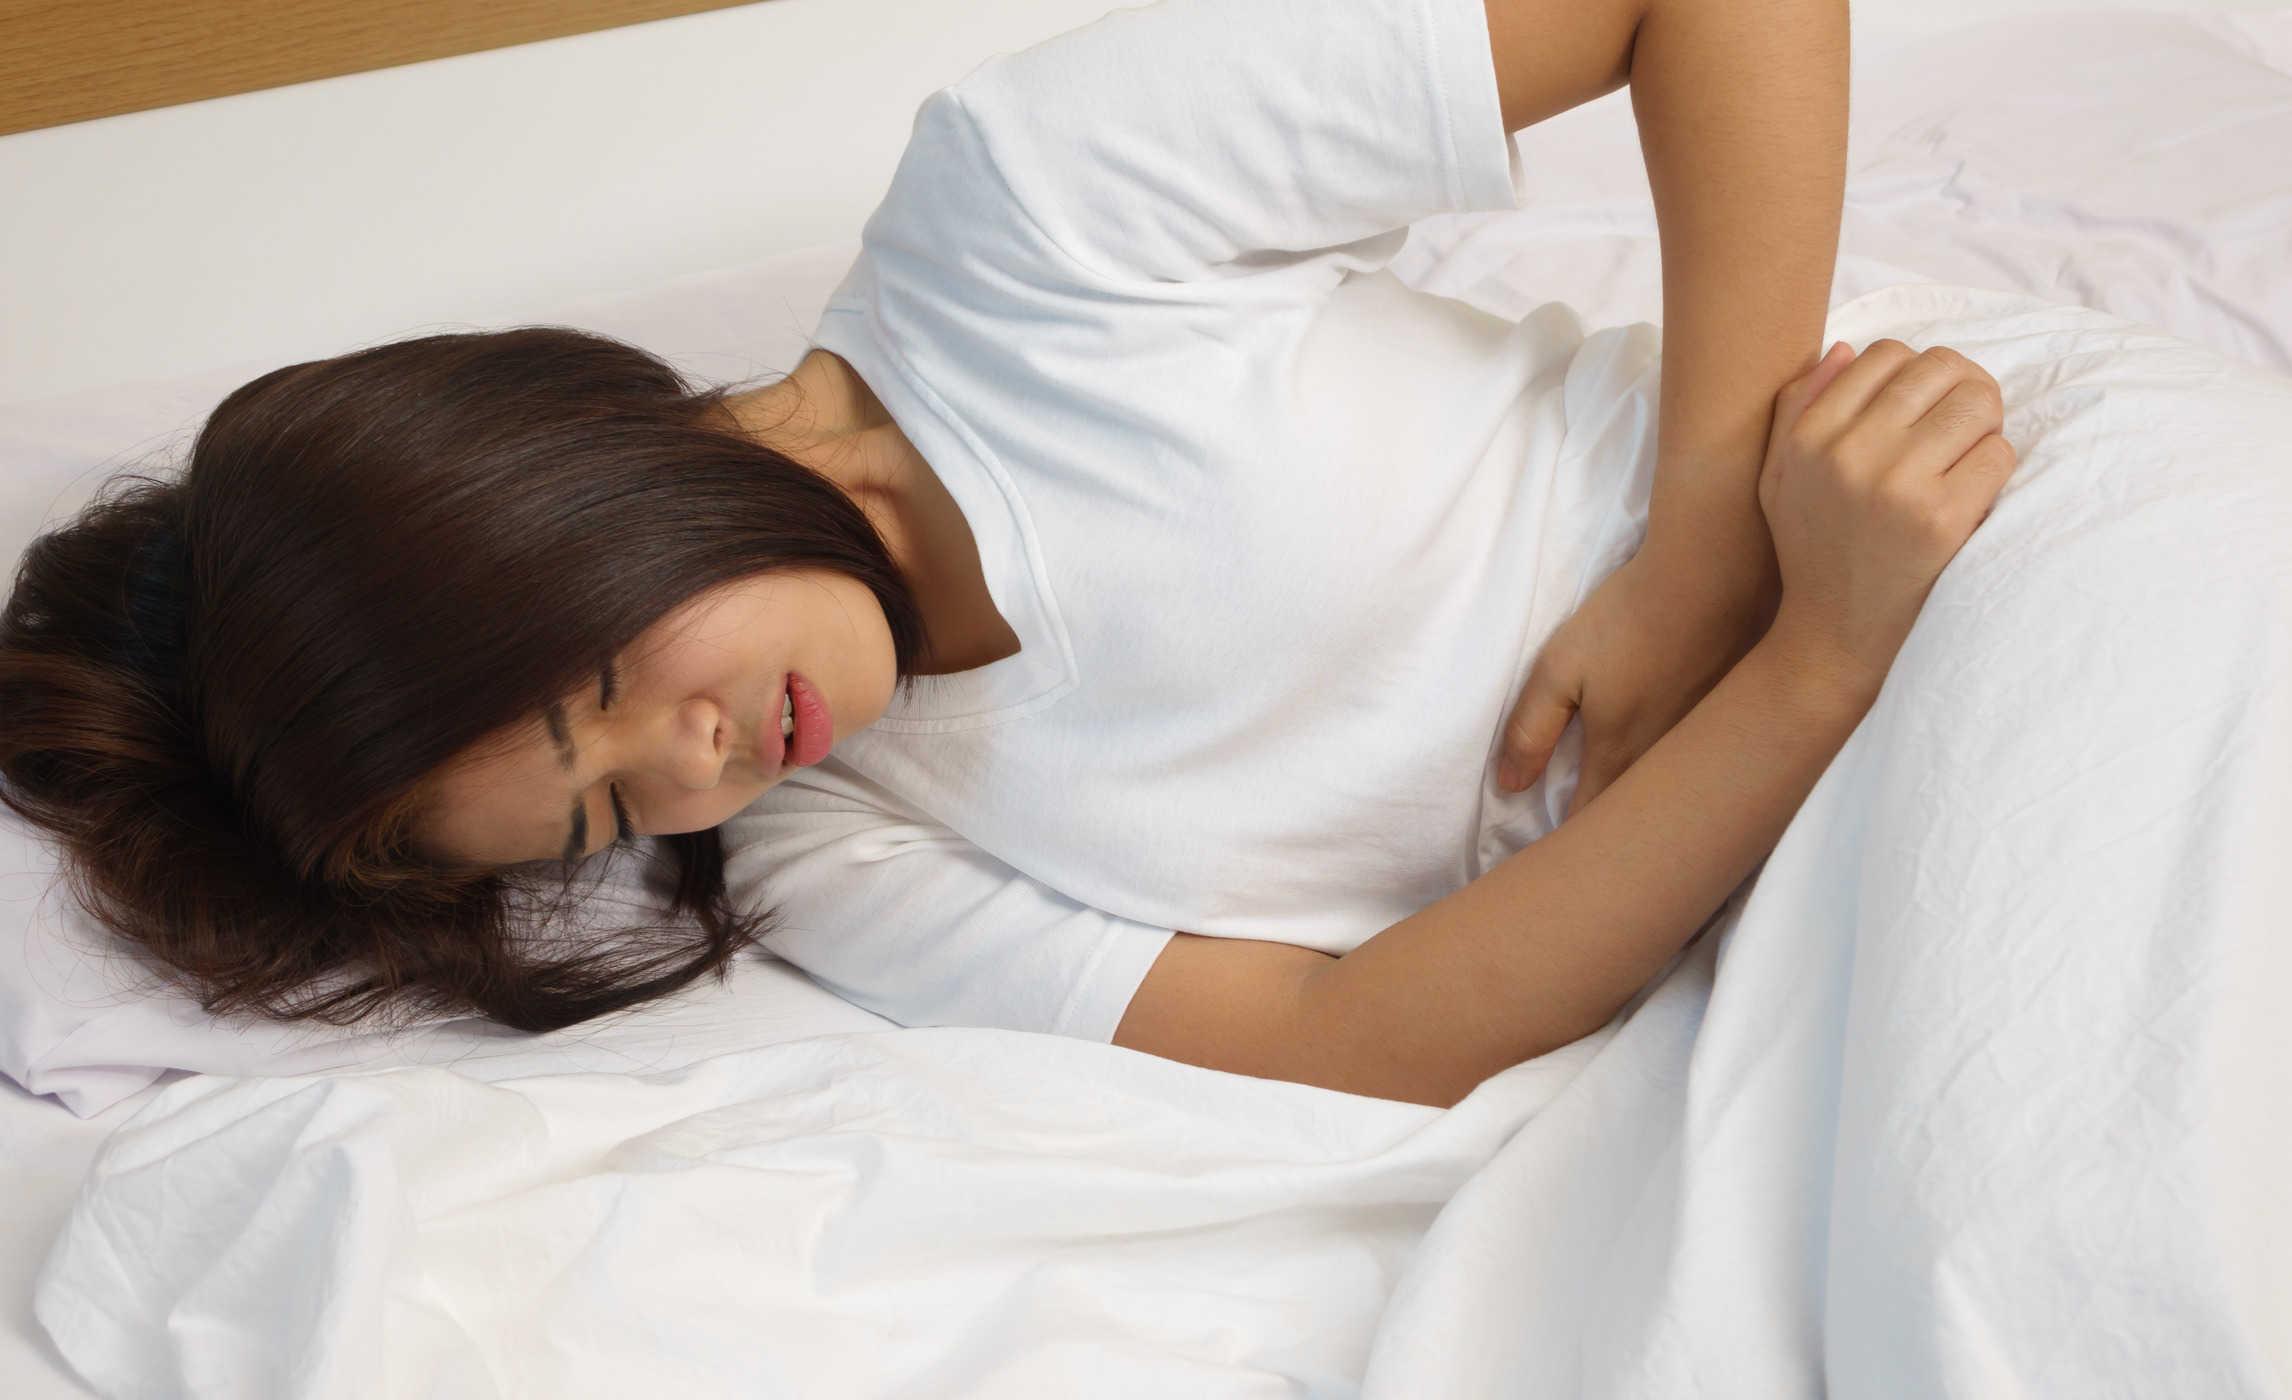 Dấu hiệu đặc trưng của hội chứng ruột kích thích-2